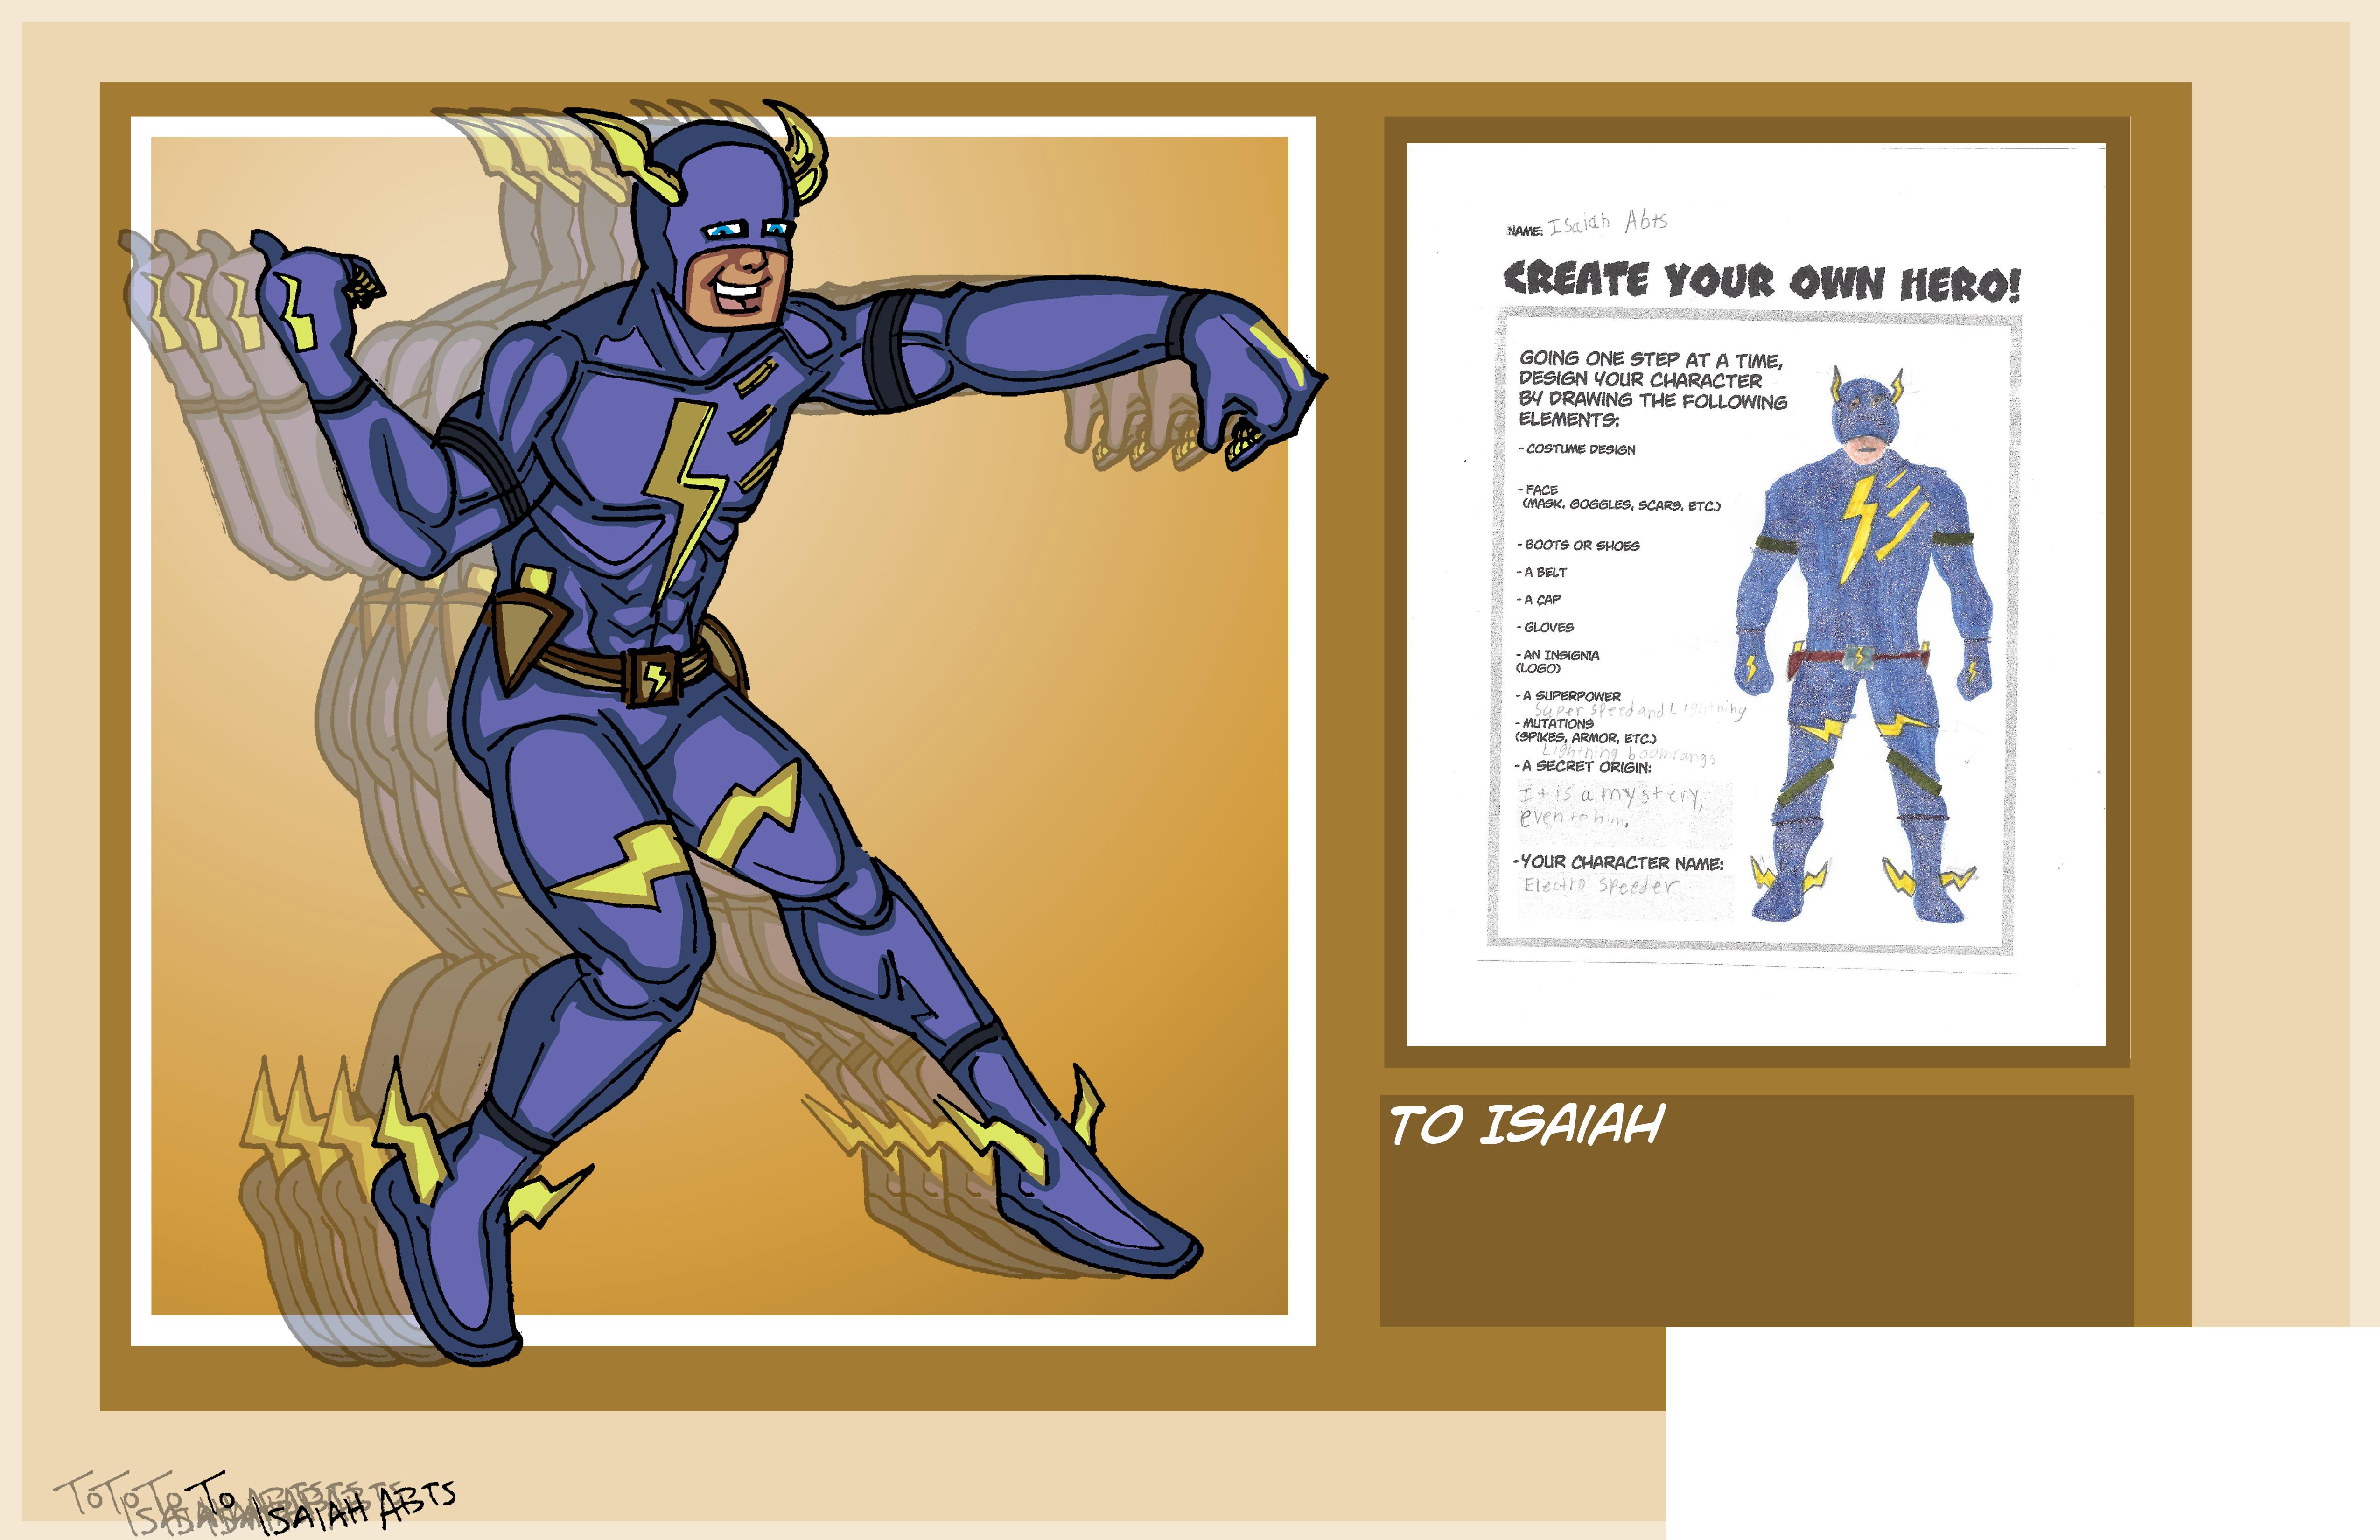 Isaiah's Superhero